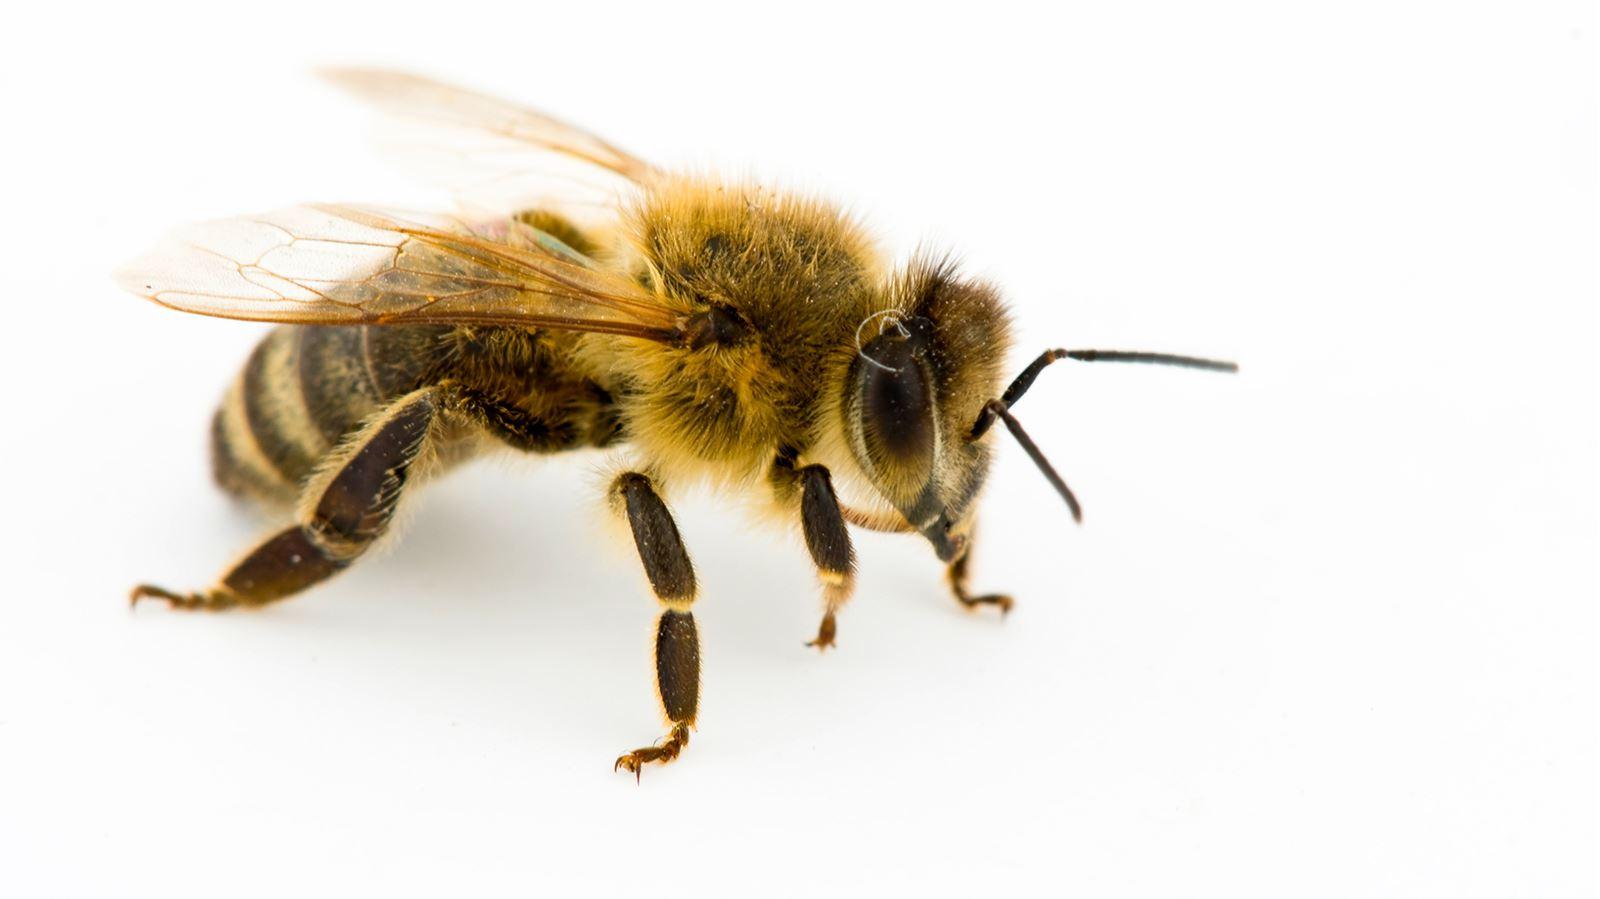 TVBA - Bee Safe